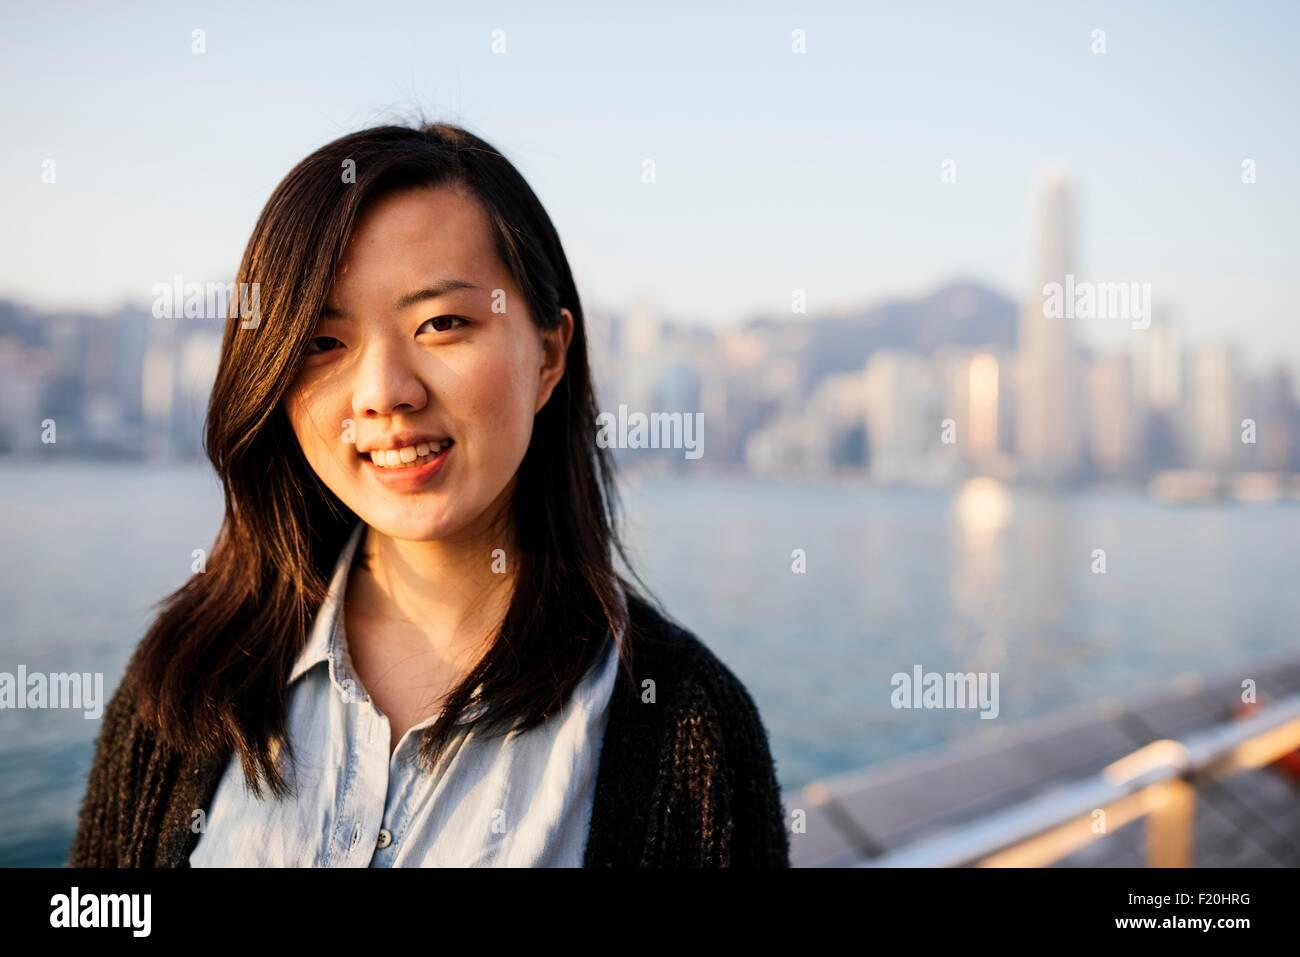 Ritratto di giovane donna con capelli lunghi che indossa camicia e cardigan di fronte acqua, guardando la fotocamera Immagini Stock